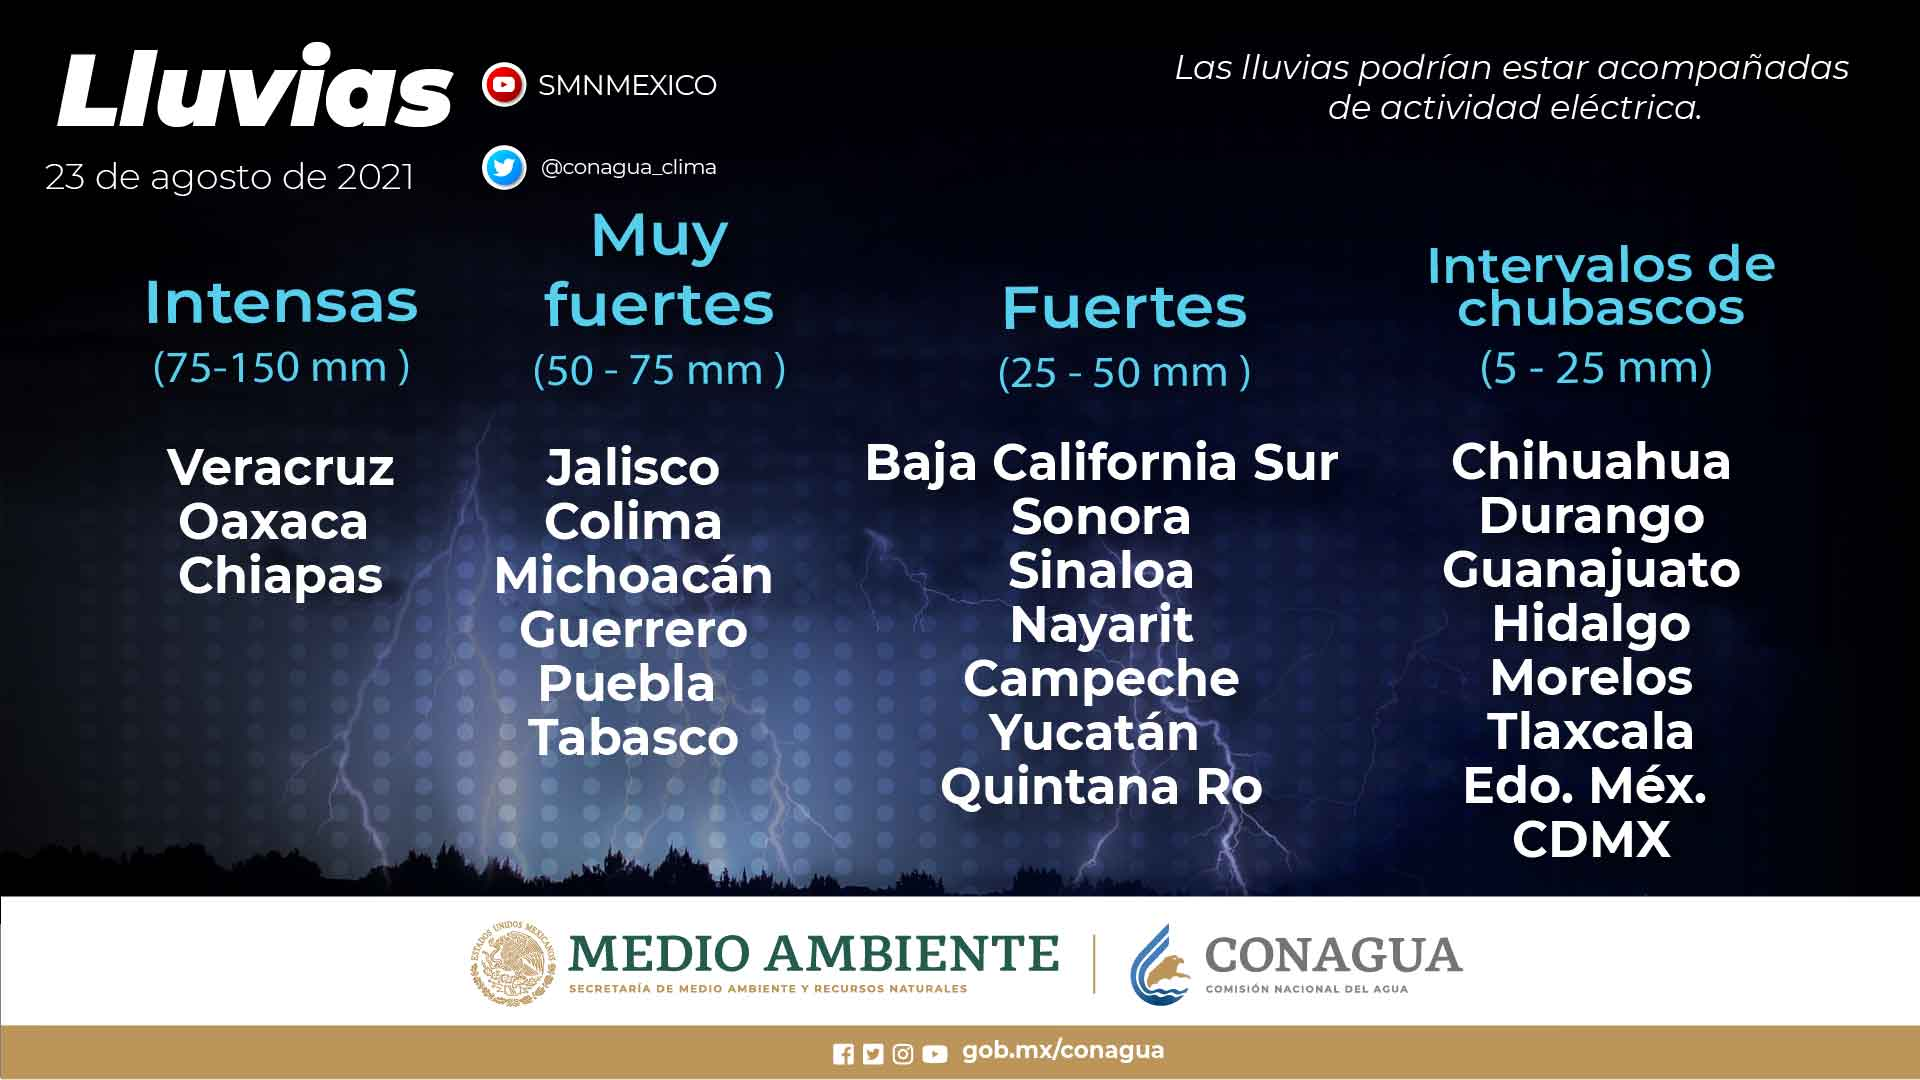 Se pronostican lluvias intensas en zonas de Chiapas, Oaxaca y Veracruz para este lunes